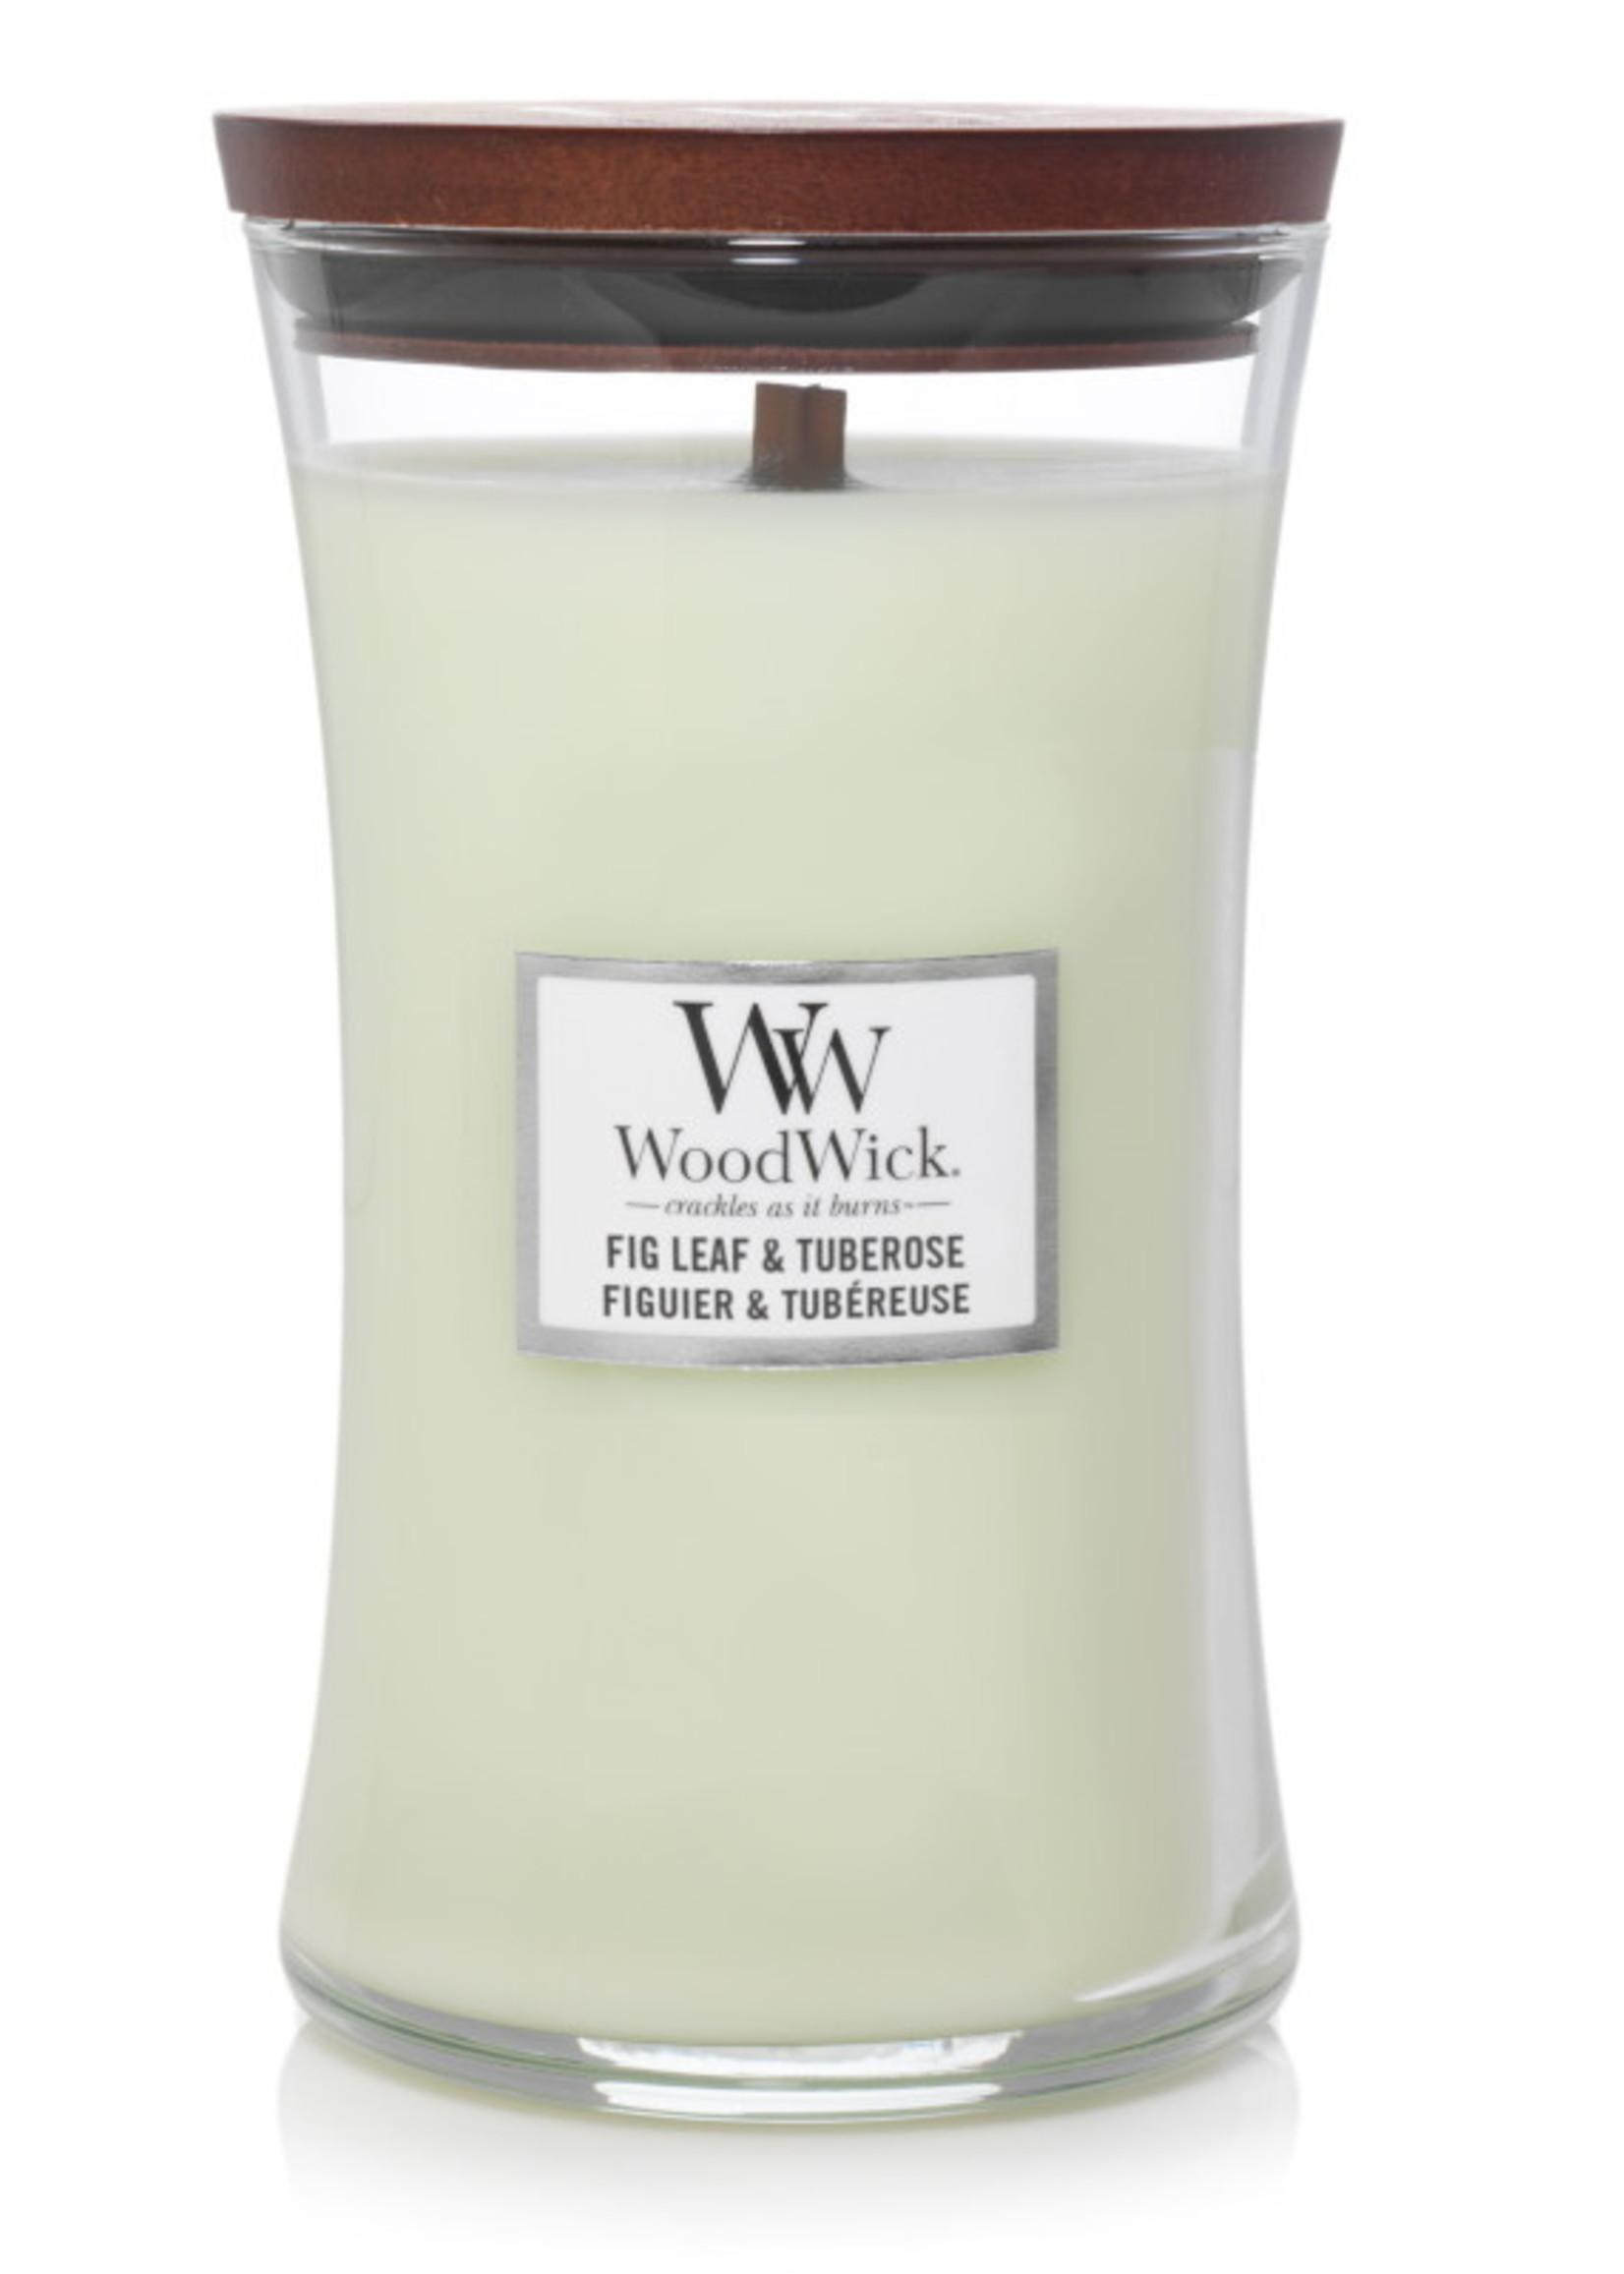 Woodwick Woodwick Fig Leaf & Tuberose Large Candle